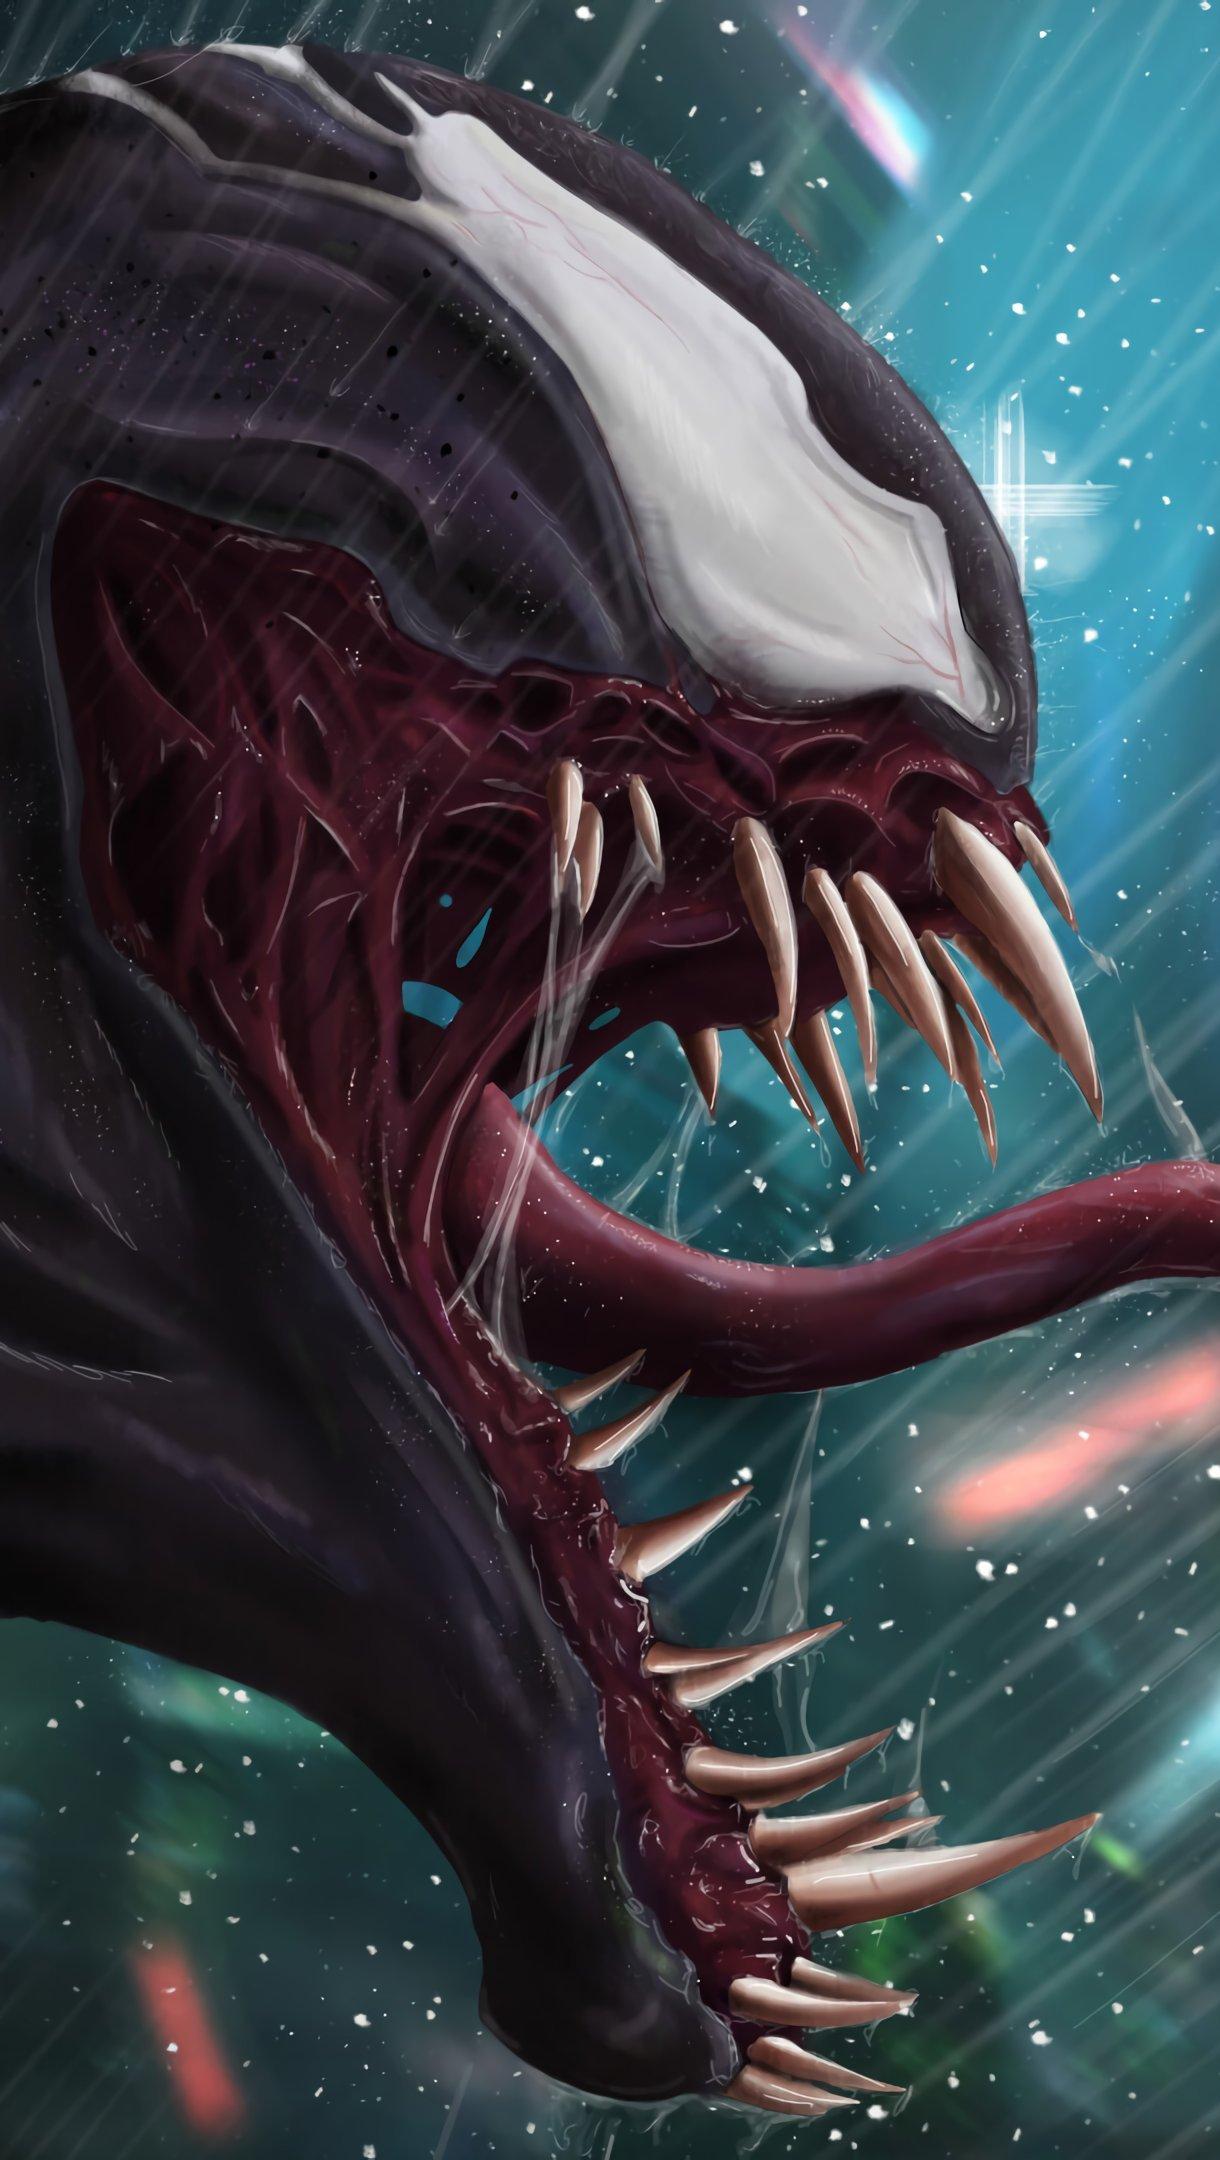 Wallpaper Venom Fanart Vertical